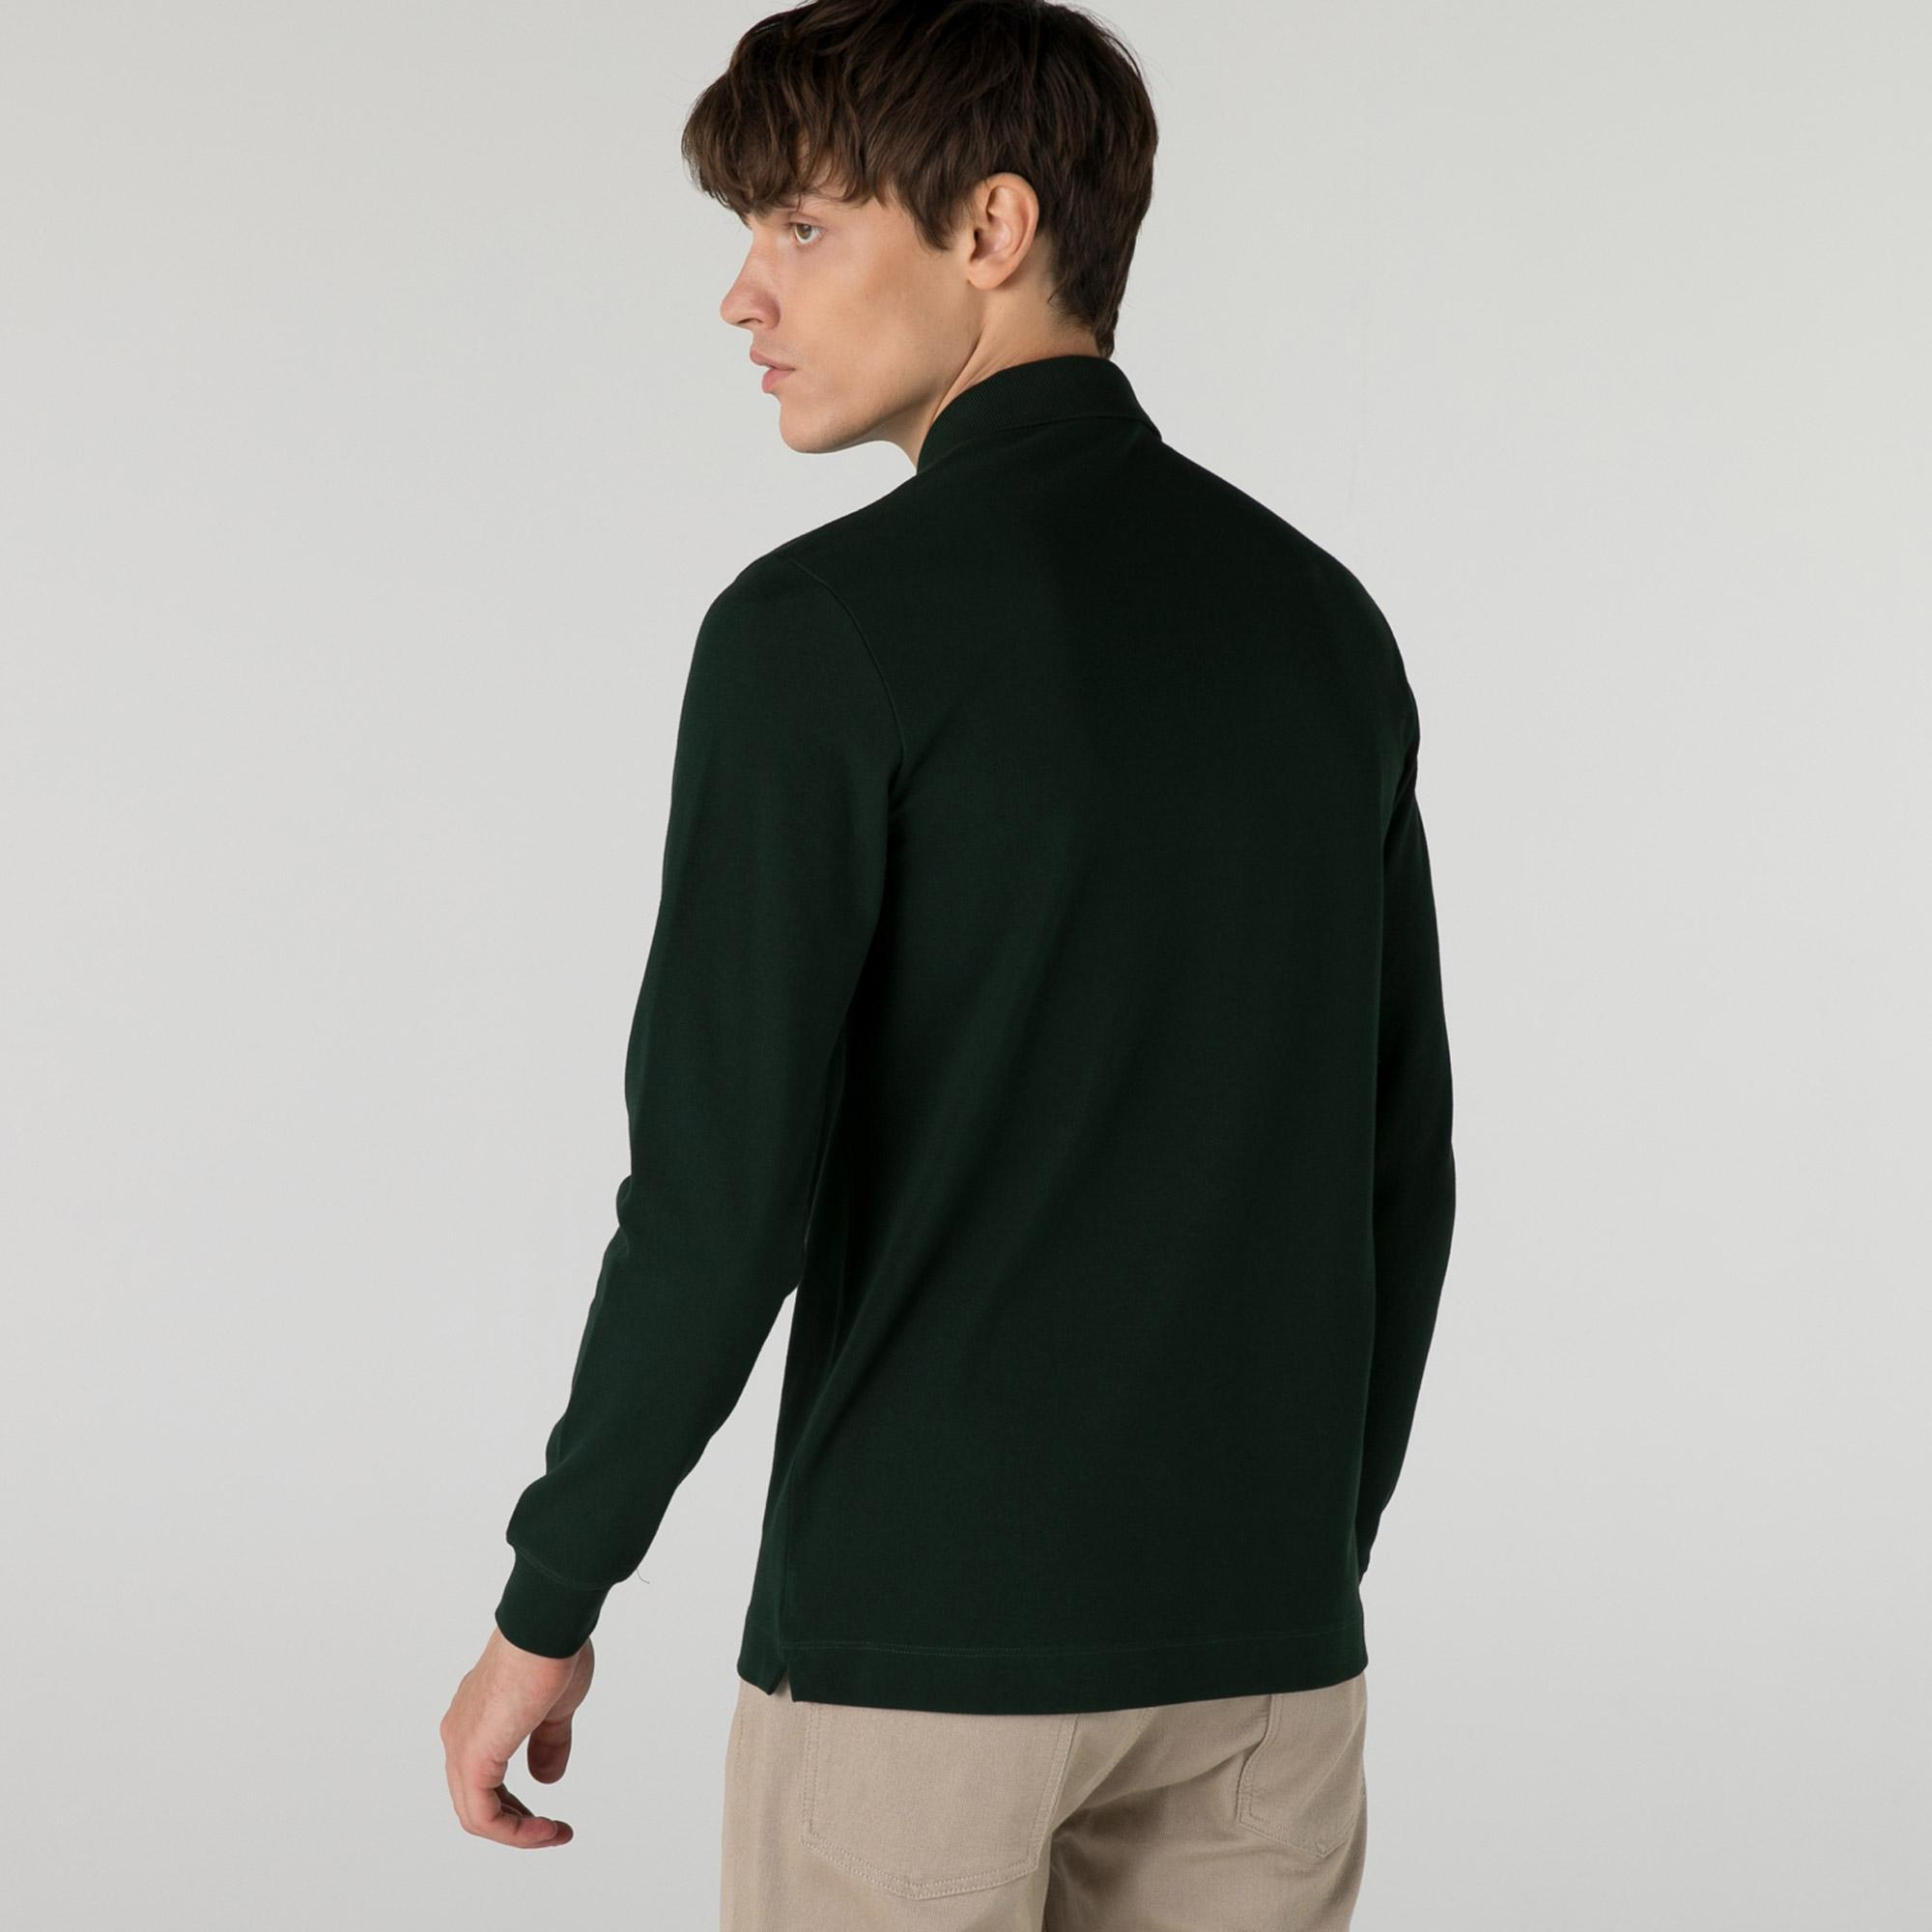 Lacoste Men's Long-Sleeve Paris Polo Shirt Regular Fit Stretch Cotton Piqué